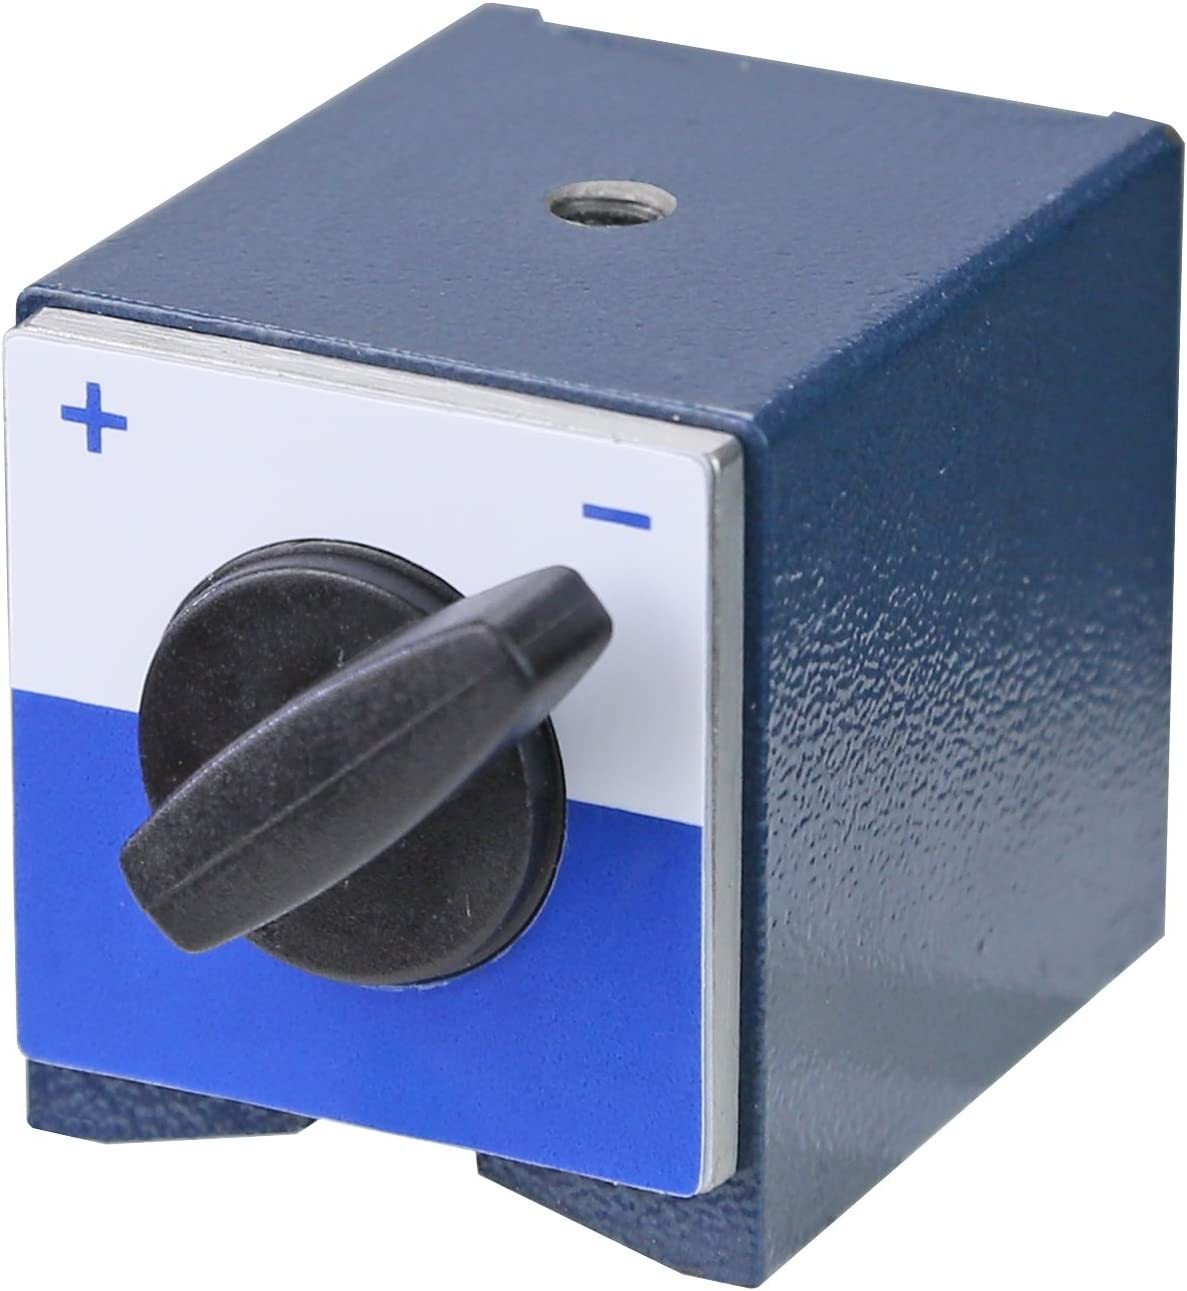 /magn/étique force 60/kg/ /M8 CNC qualit/é Socle Magn/étique pour support magn/étique/